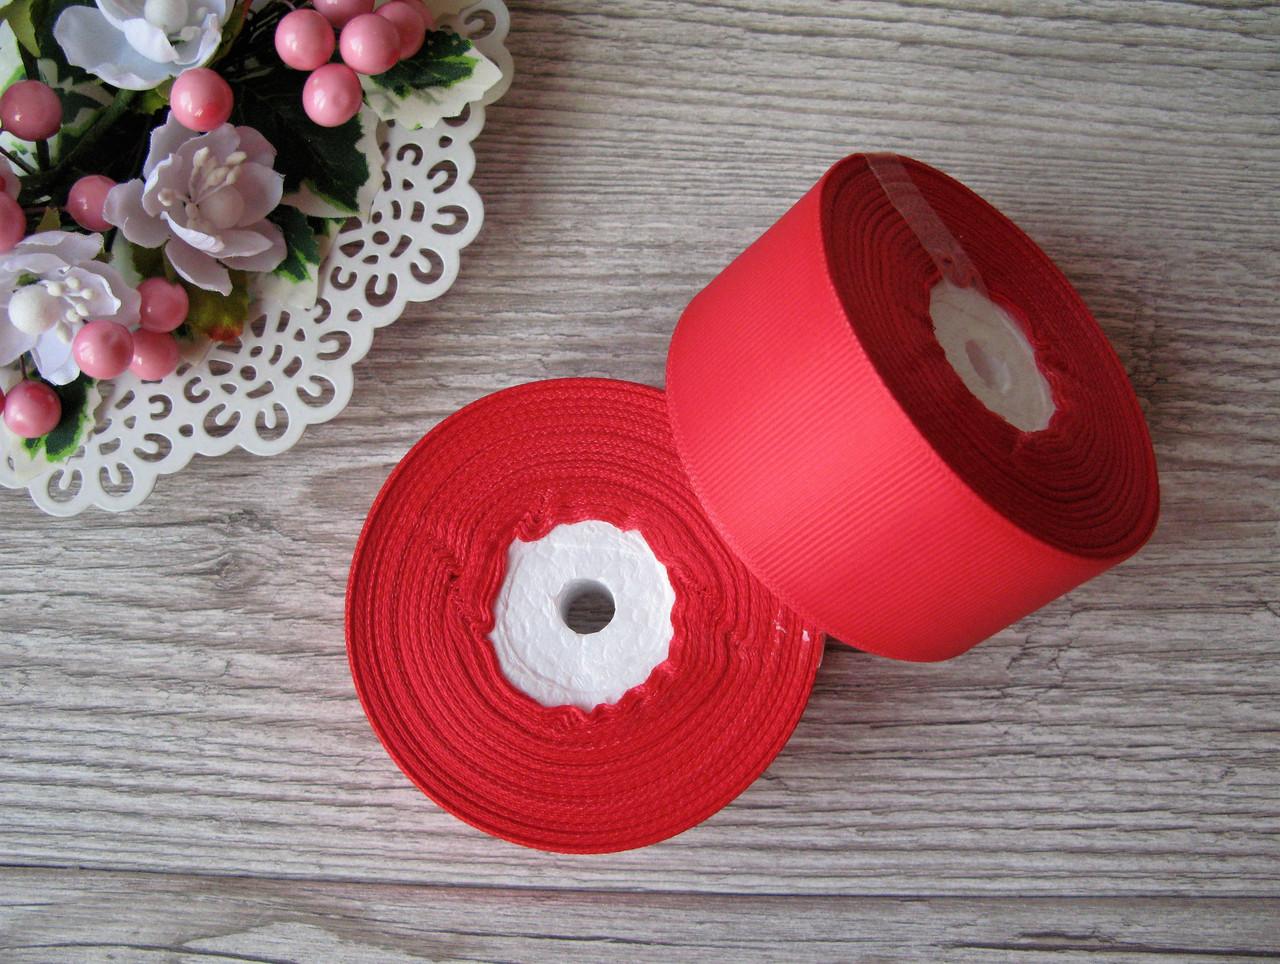 Репсова стрічка 4 см червоний, бобіна 18 м - 51 грн